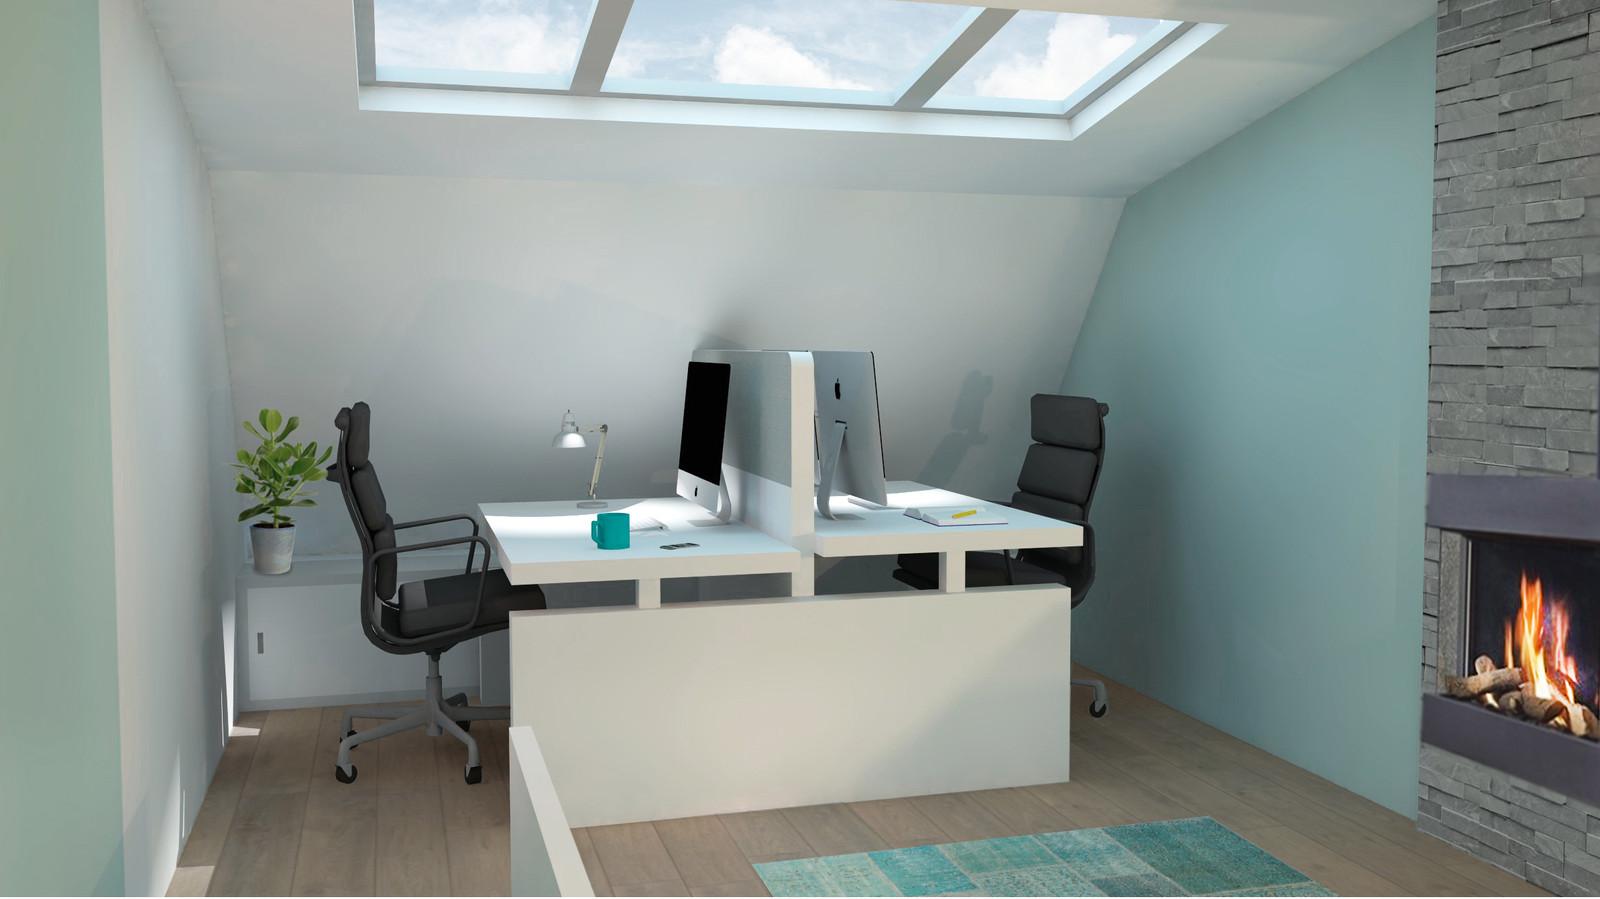 Kantoor Aan Huis : Kantoor aan huis met lampen bank met witte muur achtergrond foto